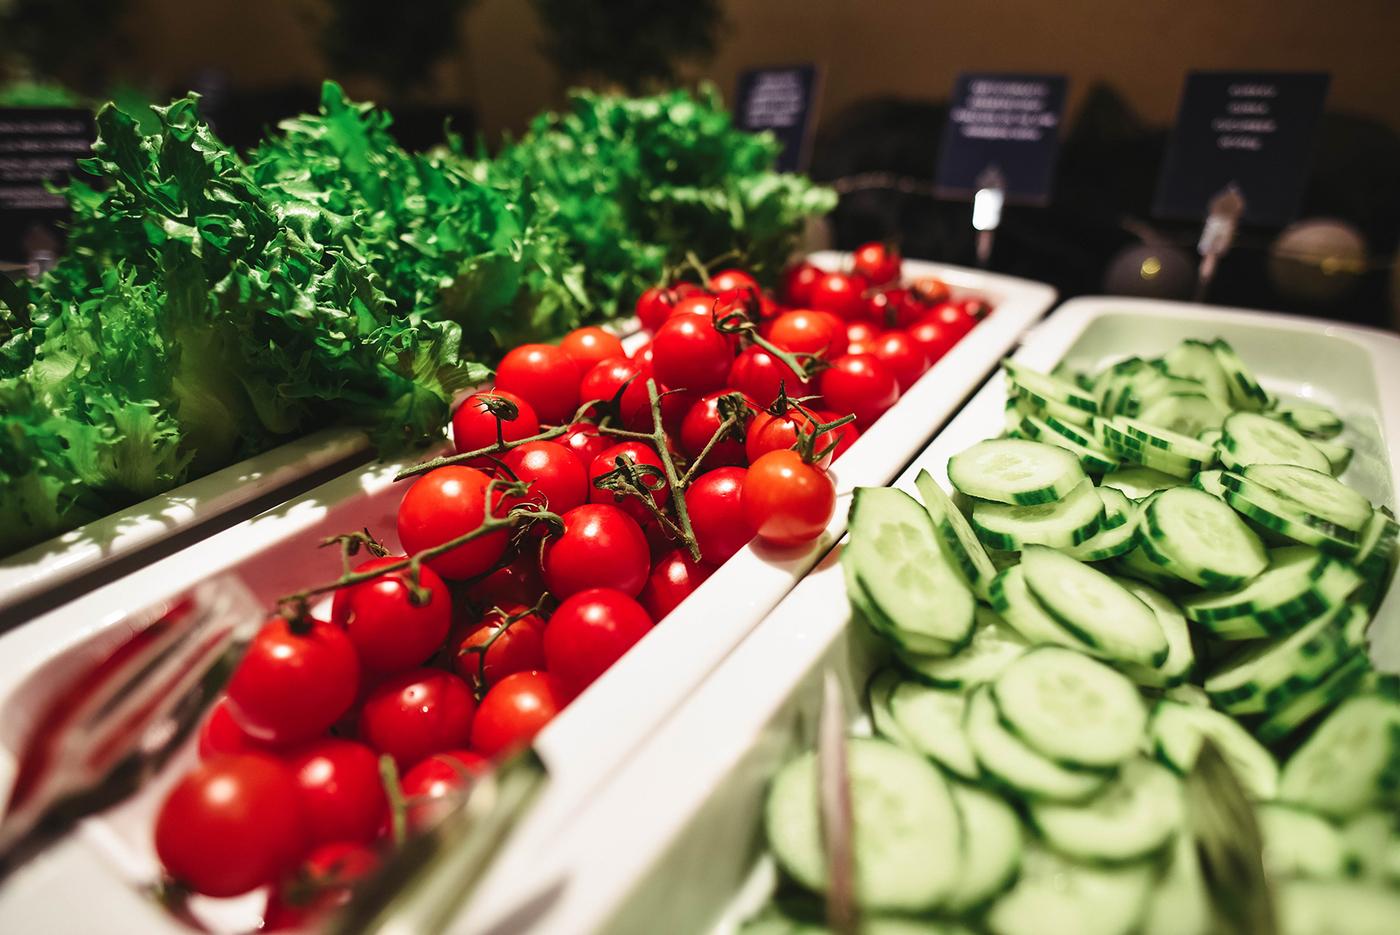 sokoshotels-erikoisaamiainen-vegaaninen-gluteeniton-hotelliaamiainen-sundayblondie-10.jpg